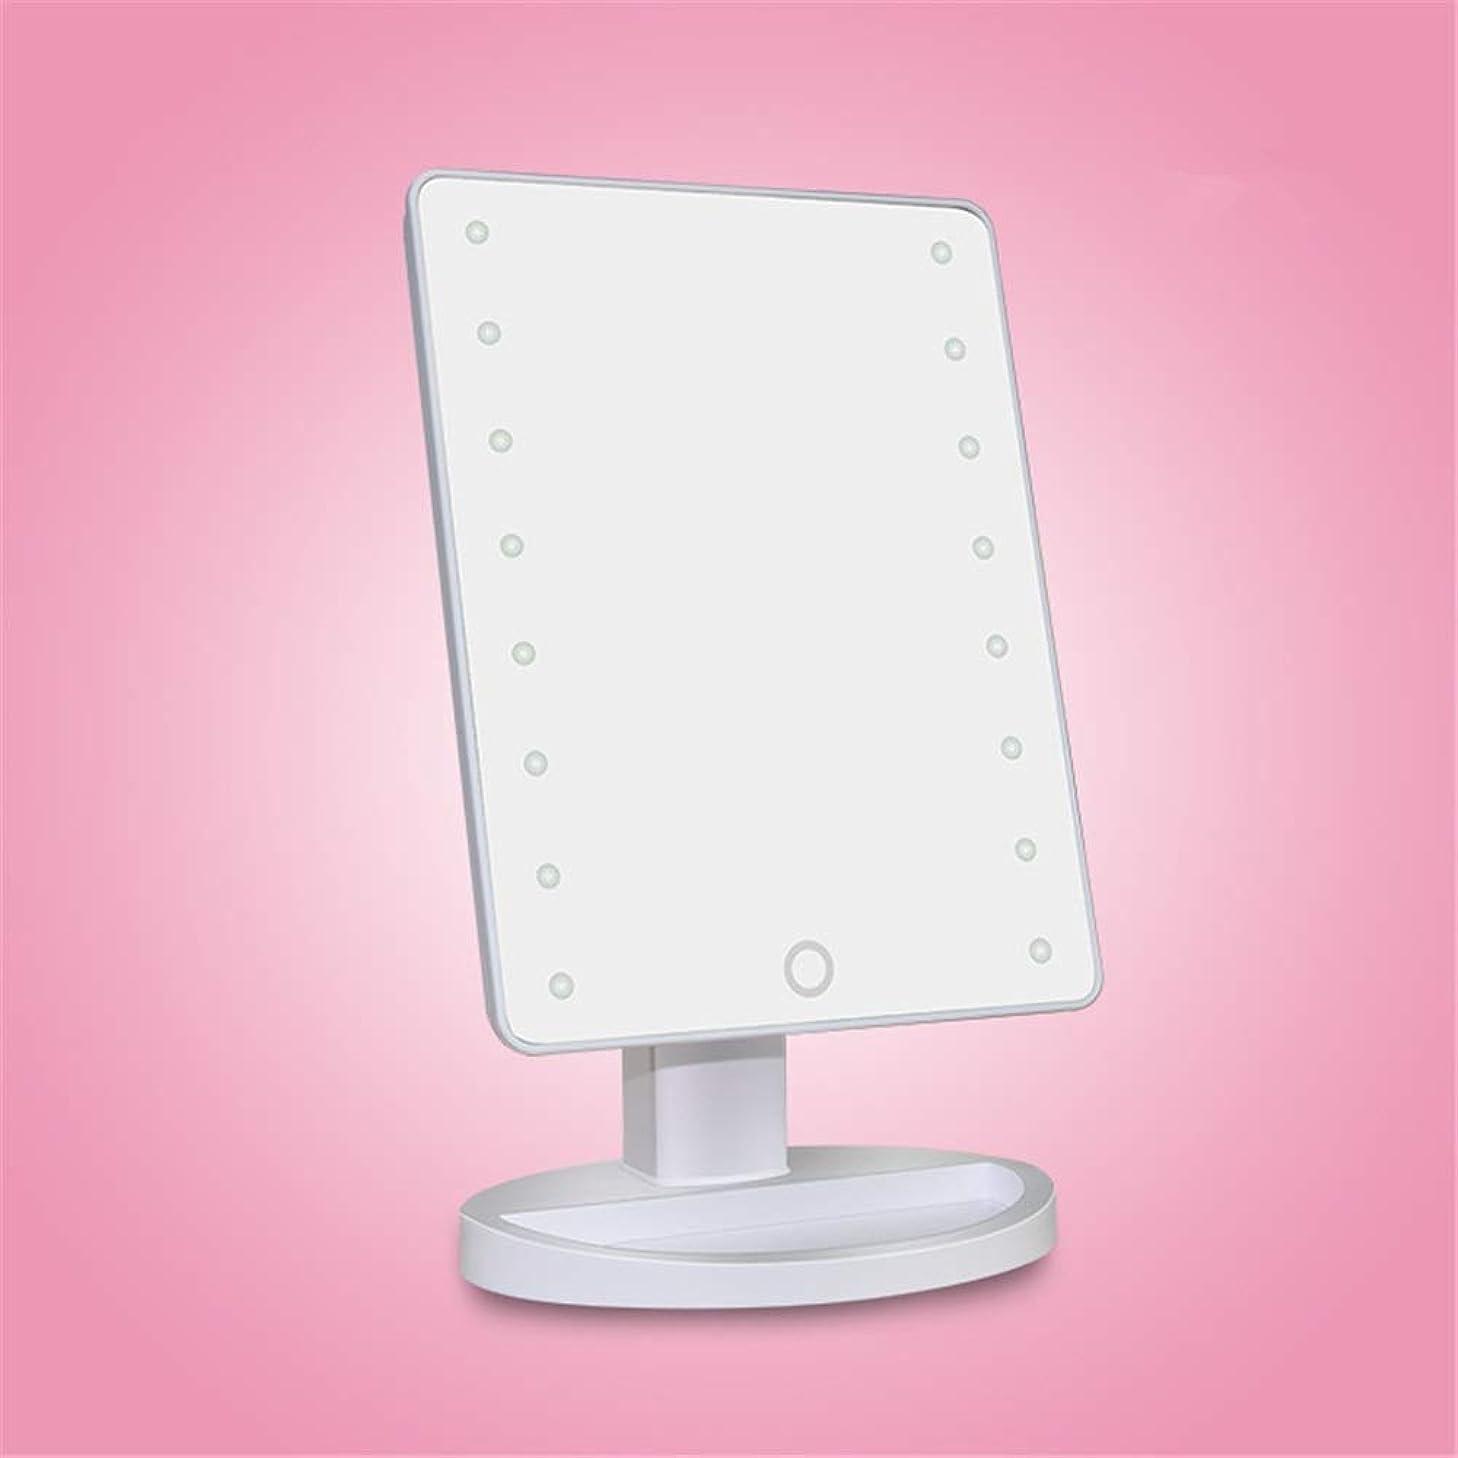 彼知覚的豊かな化粧鏡 ライトが付いている電池式の導かれた構造の虚栄心ミラー180°調節可能な回転を薄暗くするタッチ画面が付いている照明付きミラー (色 : 白, サイズ : Free size)